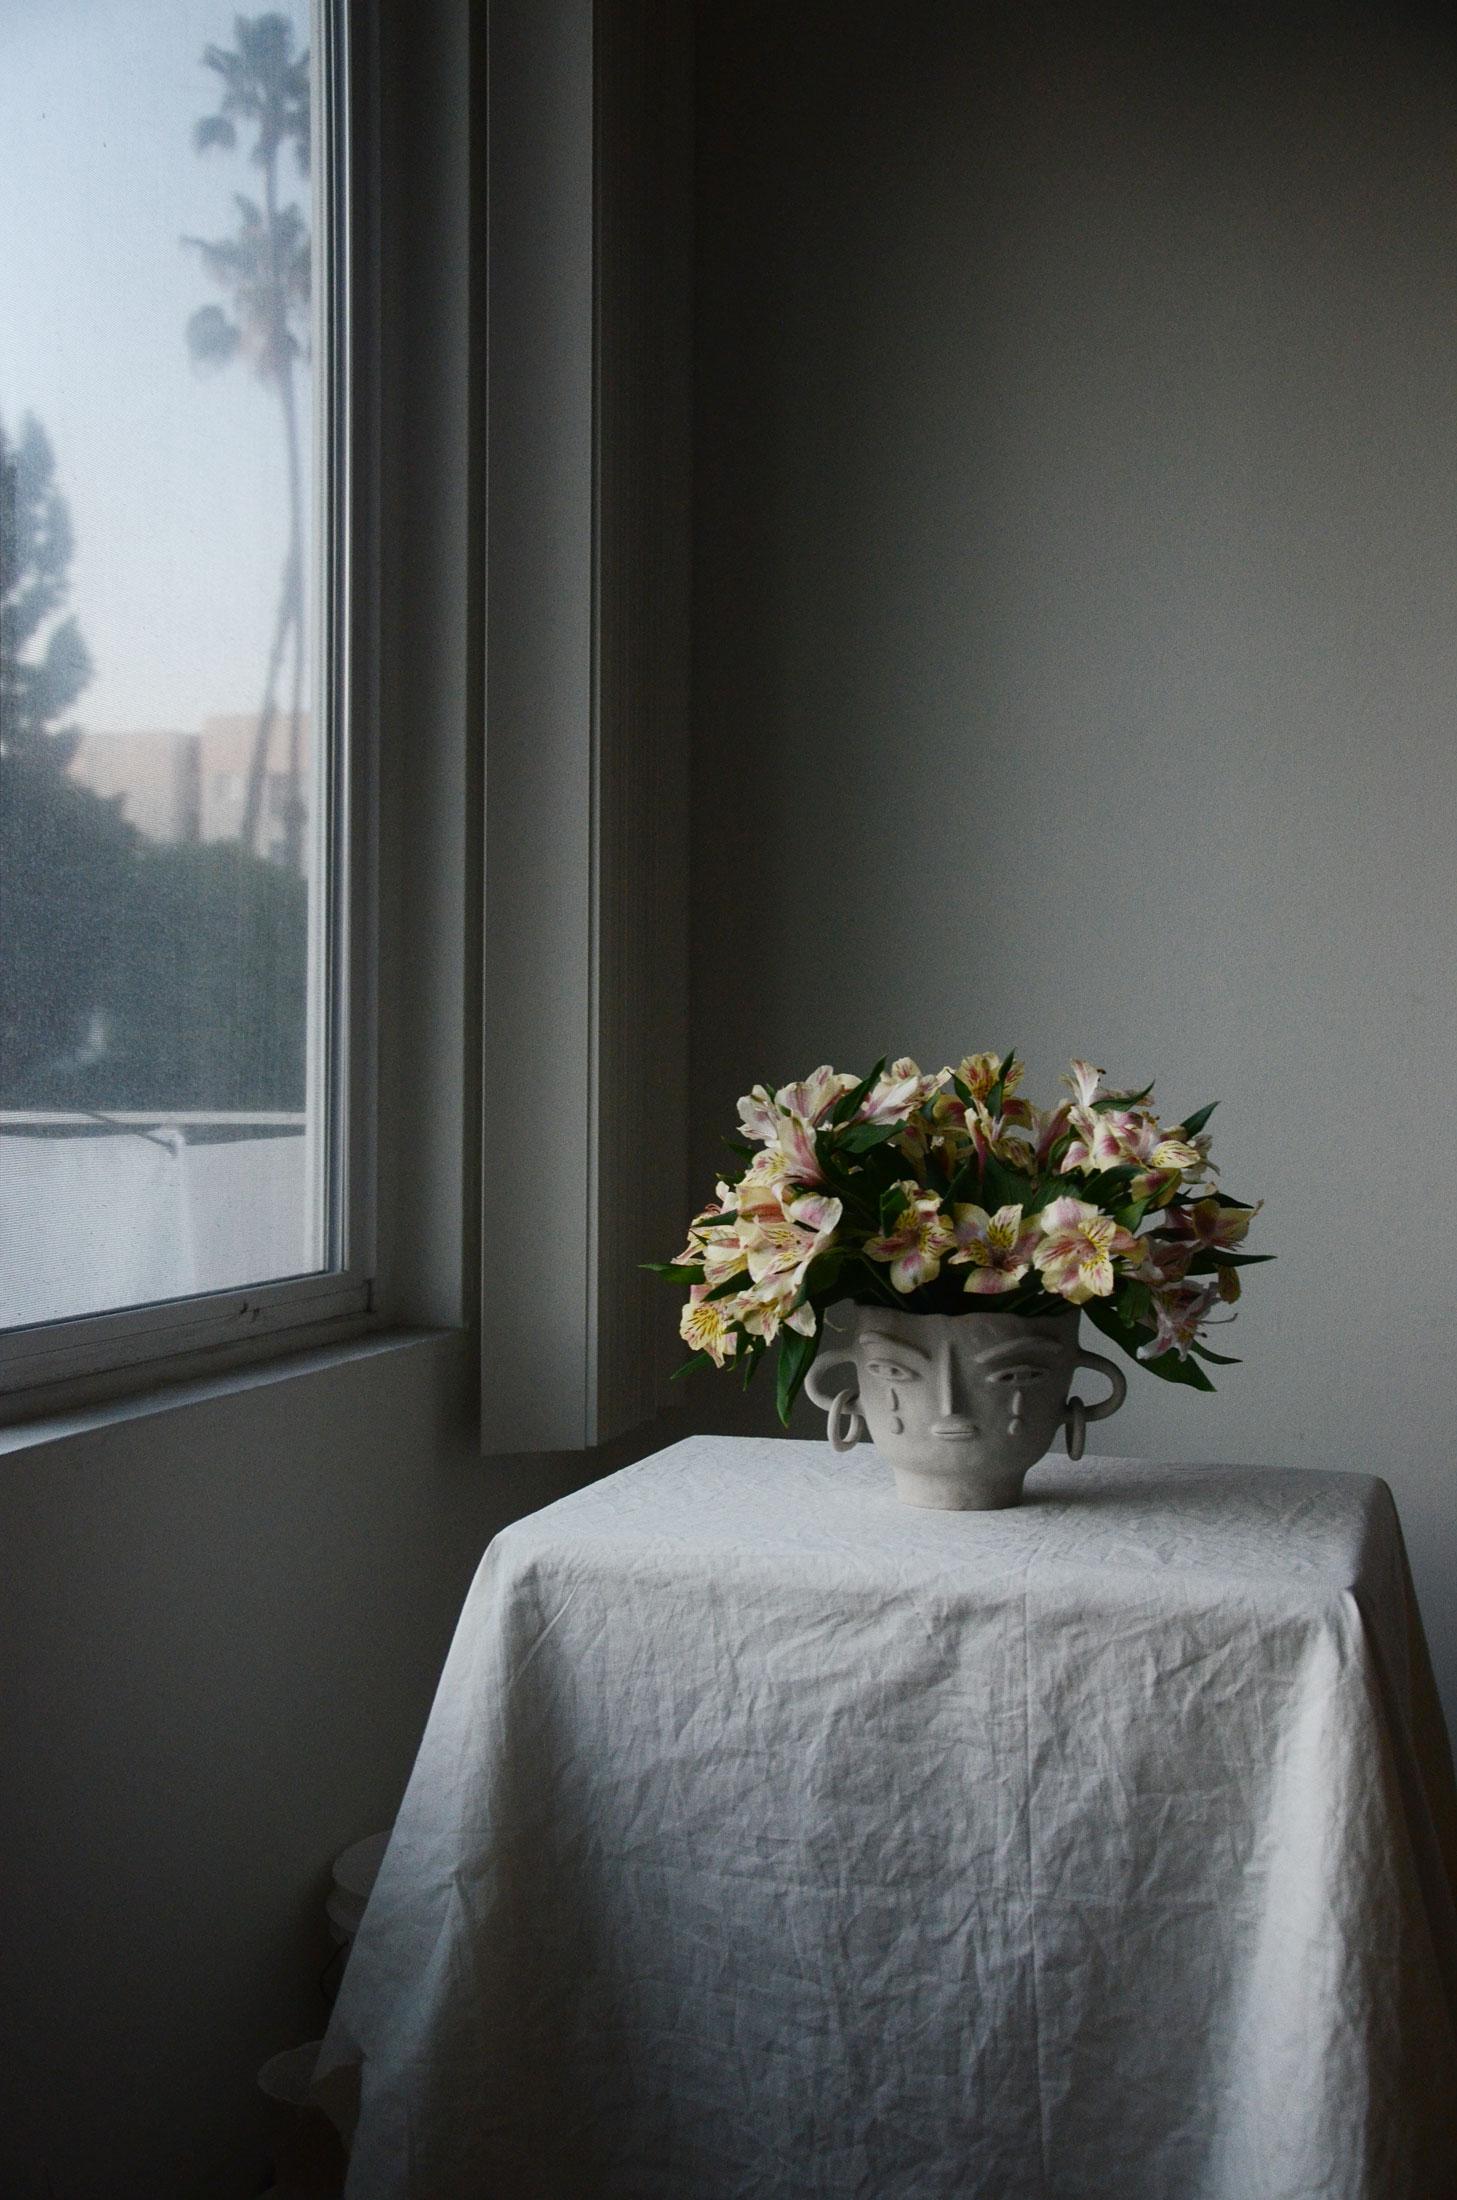 Flower vase head by Miri Orenstein